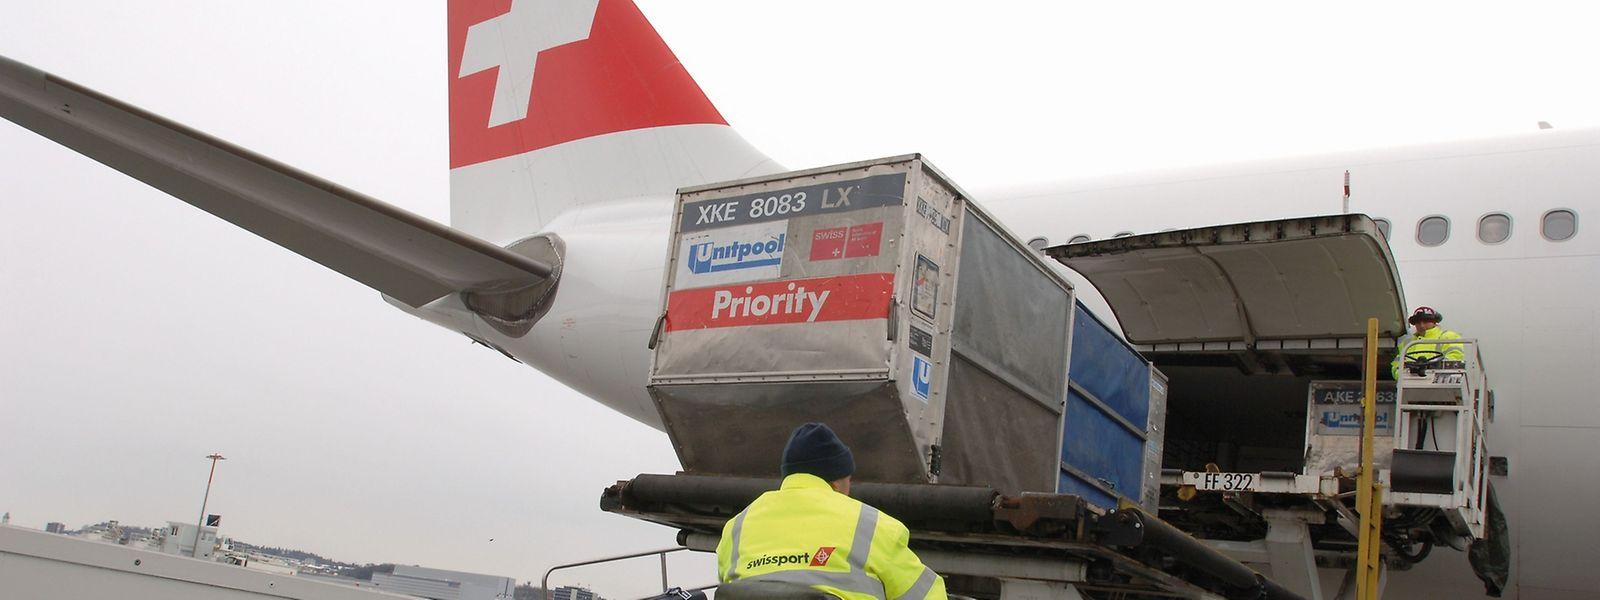 Swissport soll nach Vollzug der Übernahme, die noch von den Wettbewerbsbehörden genehmigt werden muss, als eigenständiges Unternehmen in der HNA-Gruppe operieren.